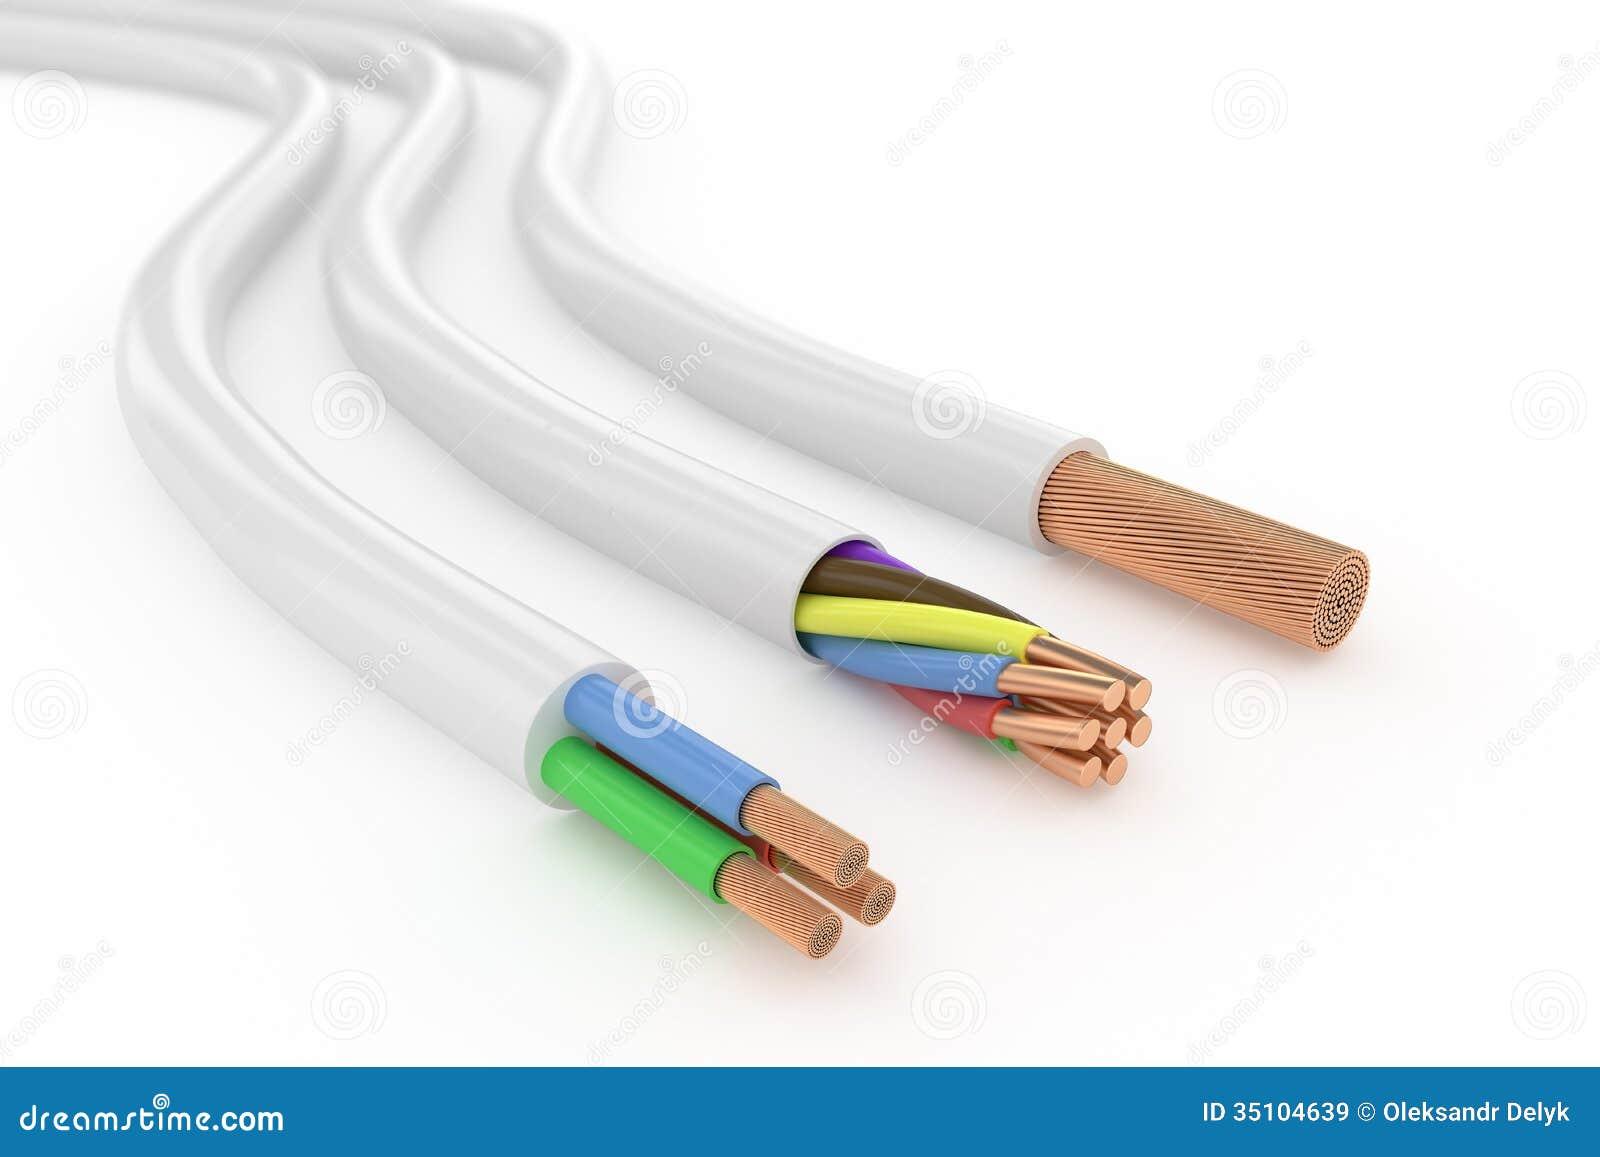 Berühmt Elektrische Kabel Identifizieren Ideen - Elektrische ...